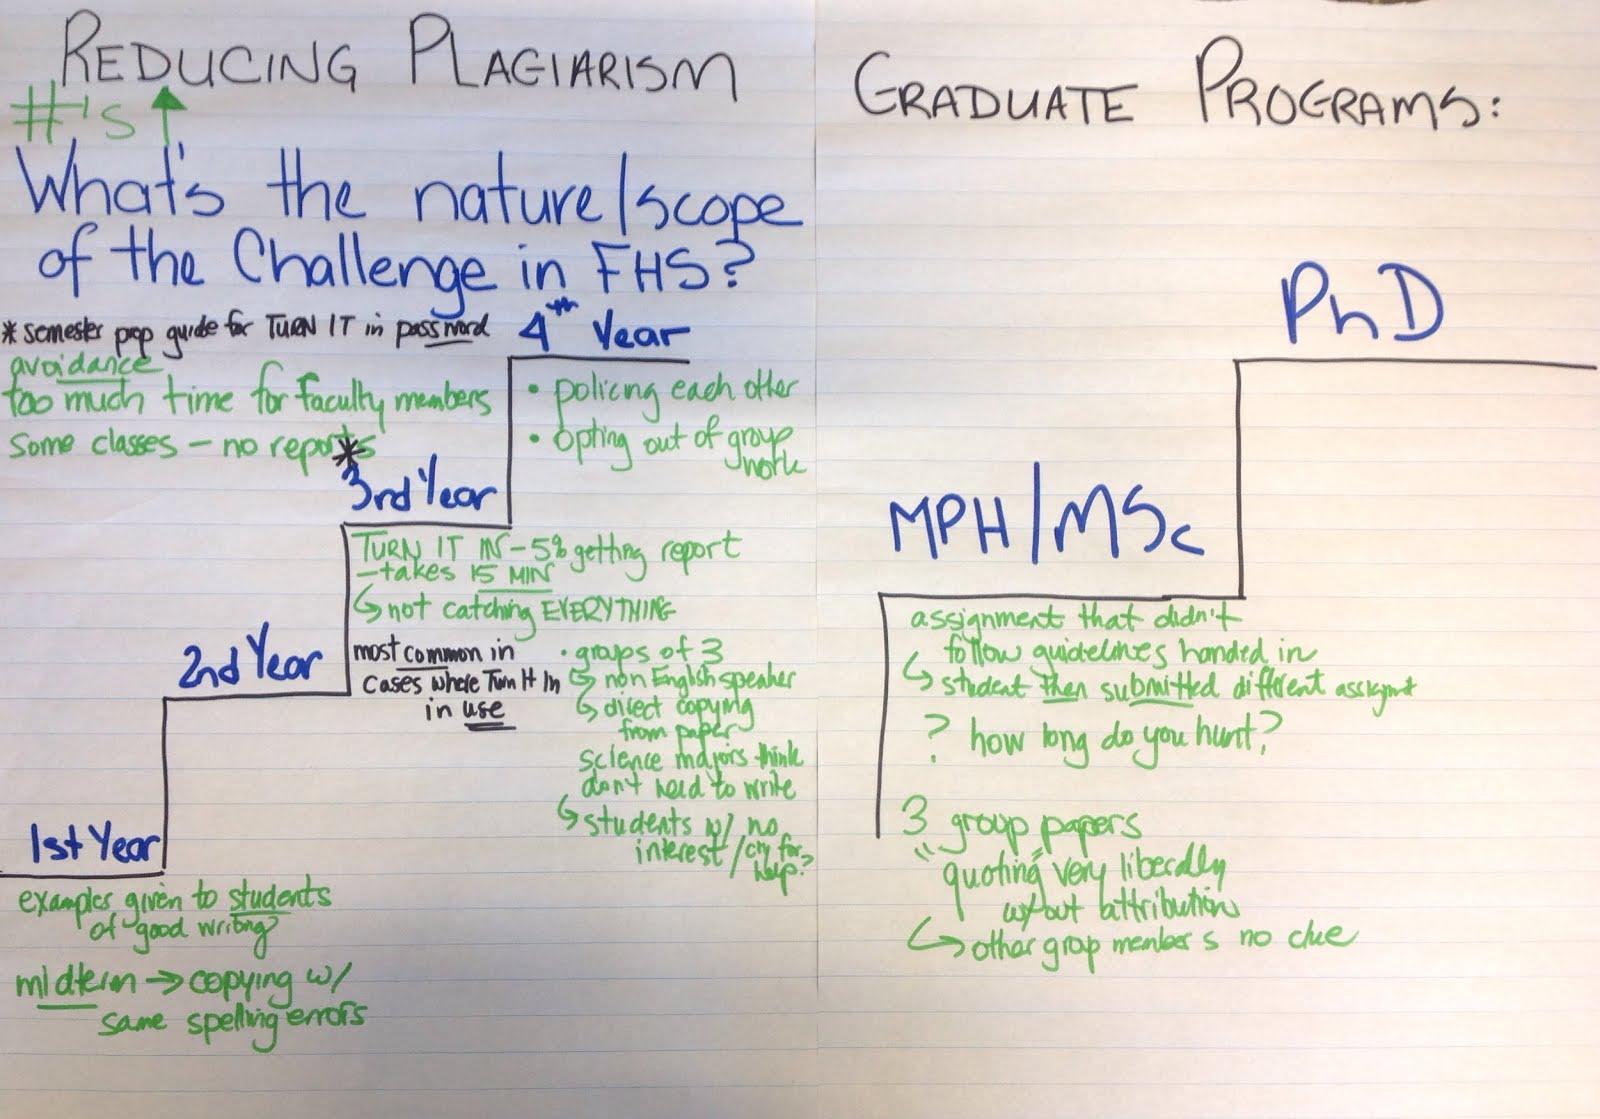 plagiarism stages.JPG